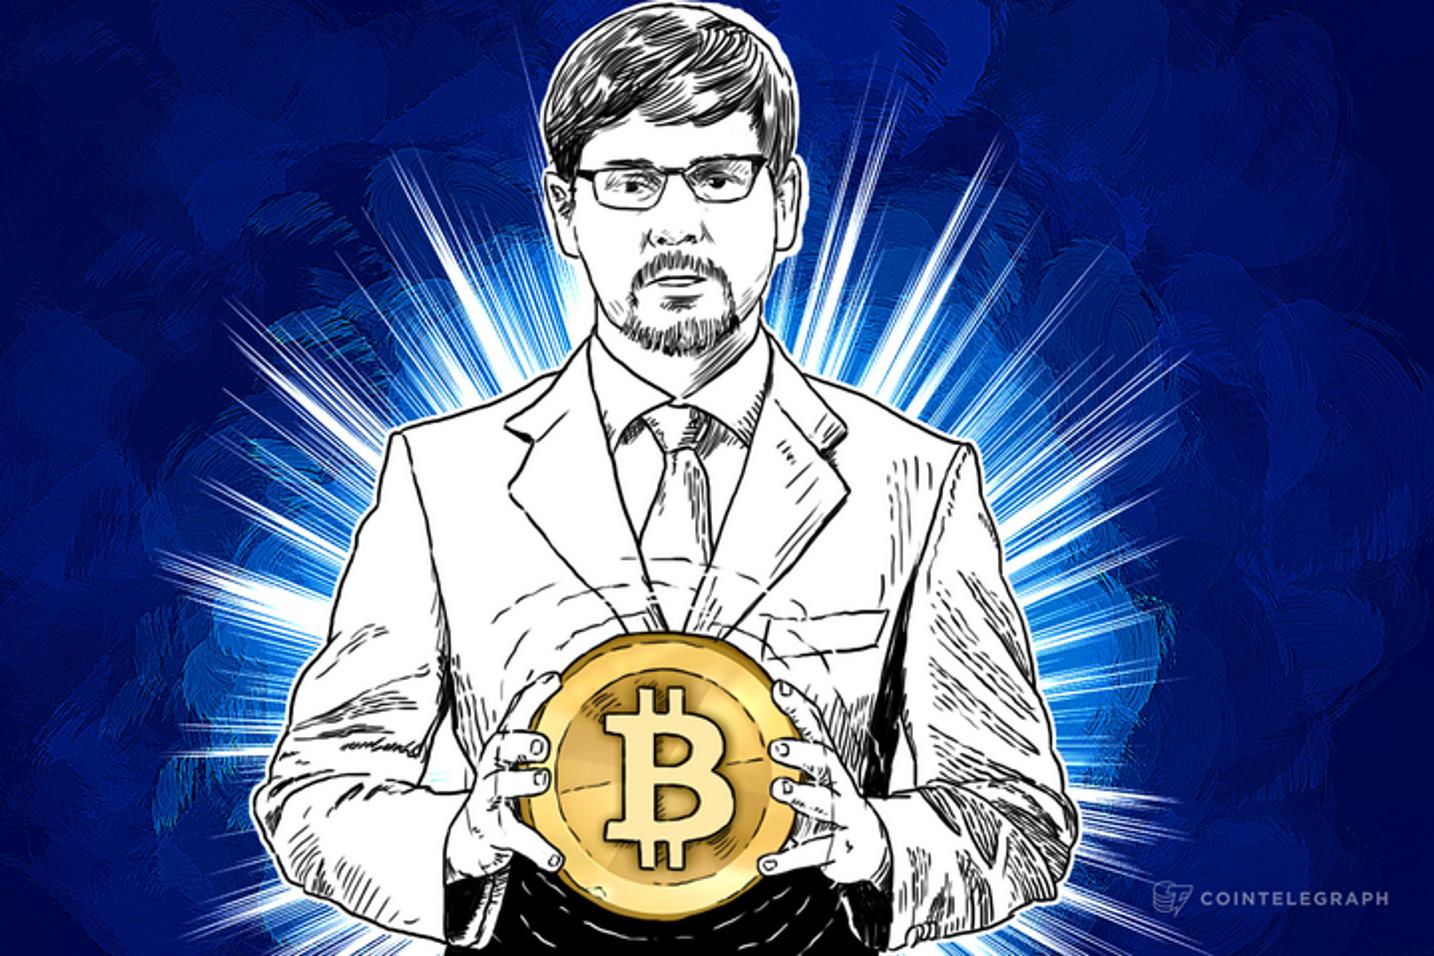 Gavin Andresen, Bitcoin Redeemer (Op-Ed)